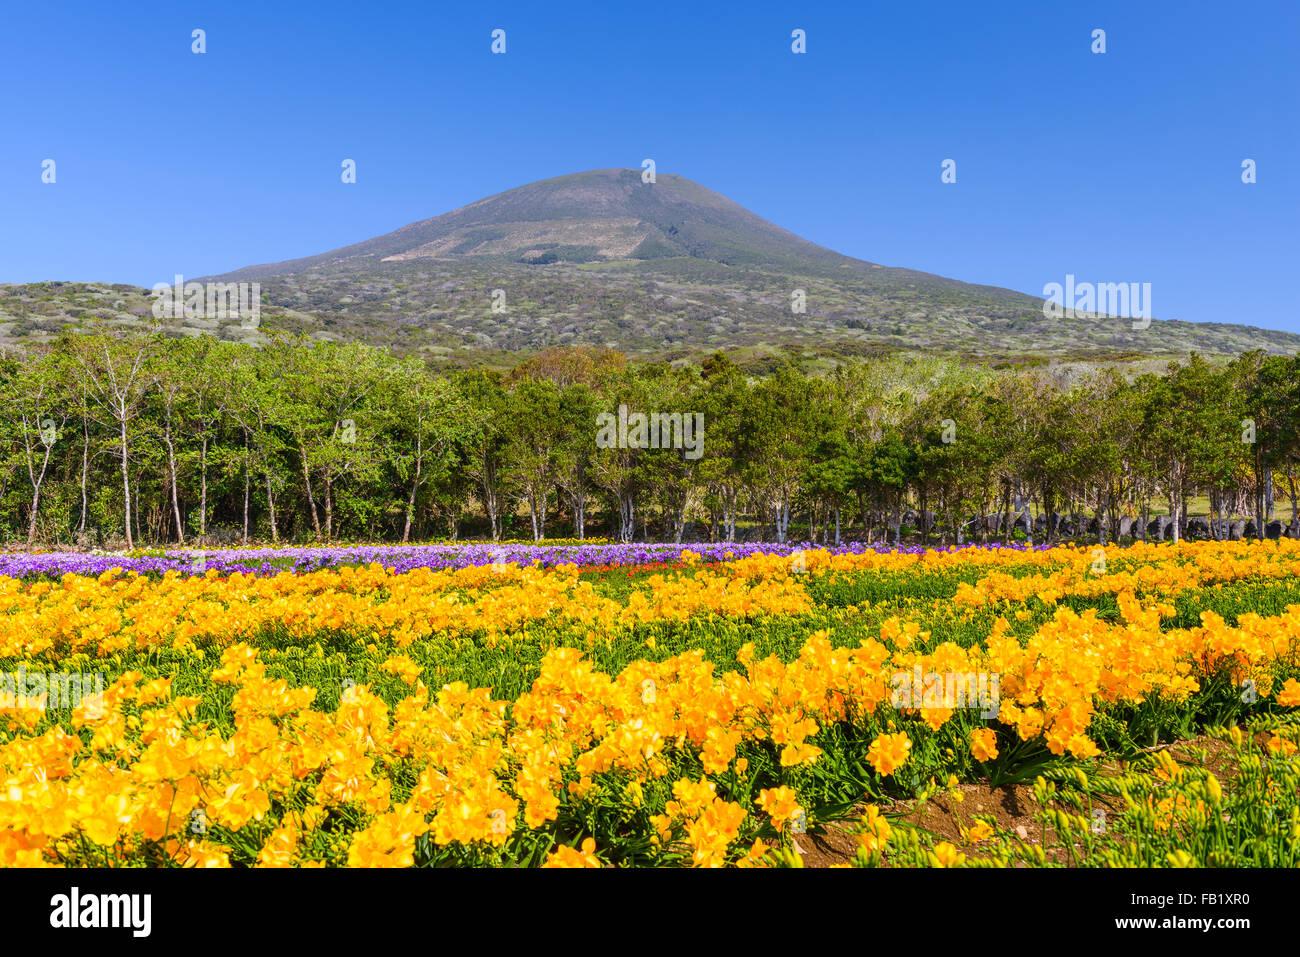 L'Île Hachijojima, le Japon au cours de la saison de floraison de fleurs de Freesia. Photo Stock